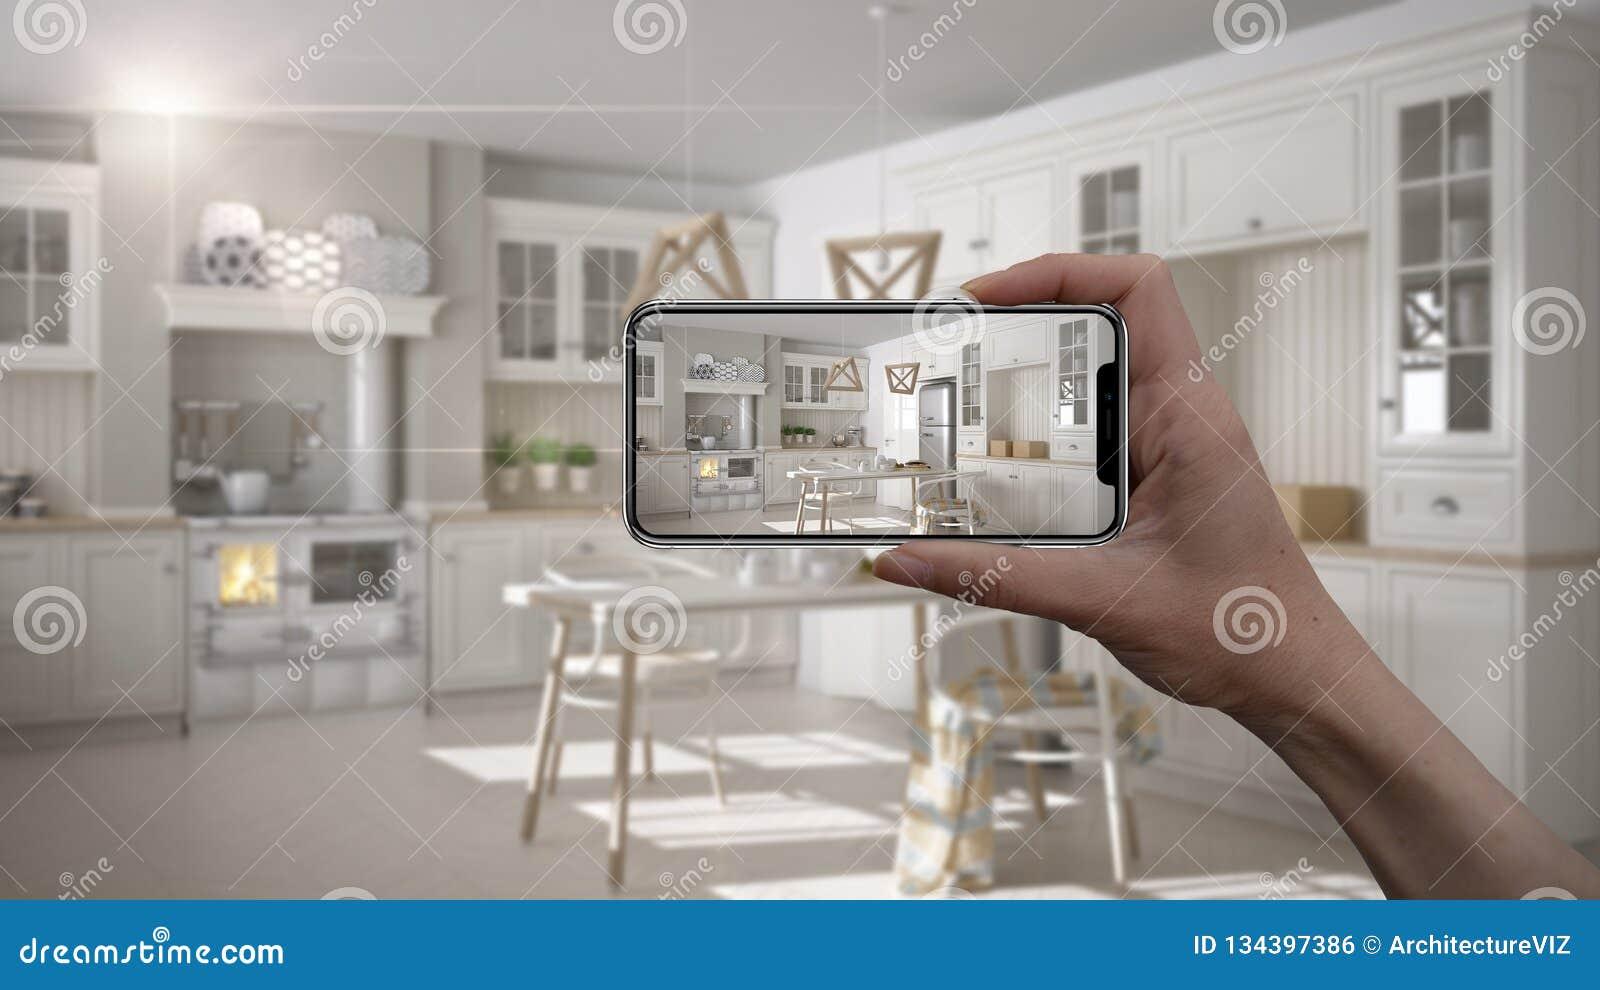 Dé sostener el teléfono elegante, uso de AR, simule los muebles y los productos del diseño interior en el hogar real, concepto de